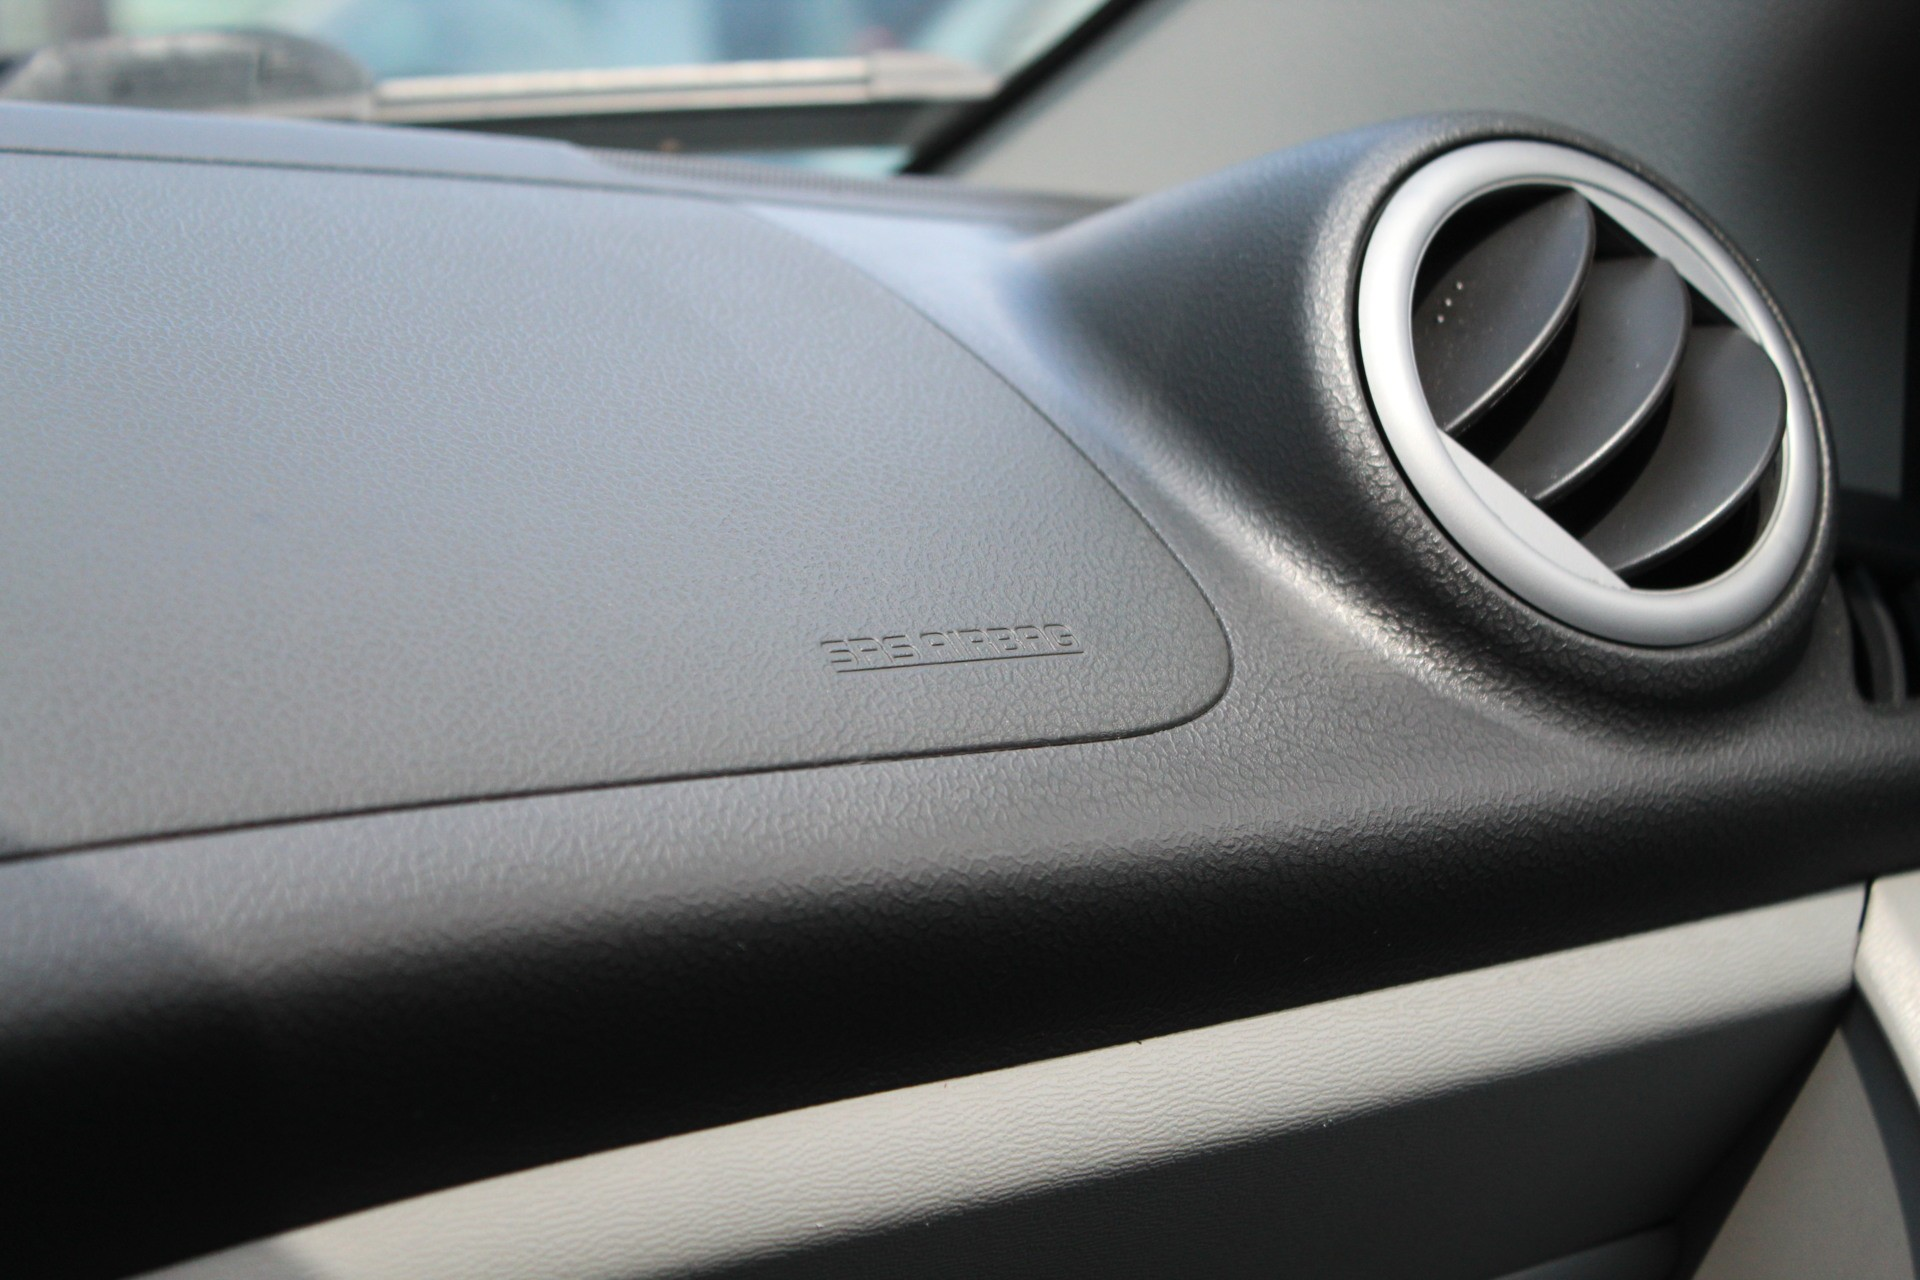 Caroutlet Groningen - Nissan Pixo 1.0 | 2009 | 5 DEURS | HOGE ZIT | 122.000KM